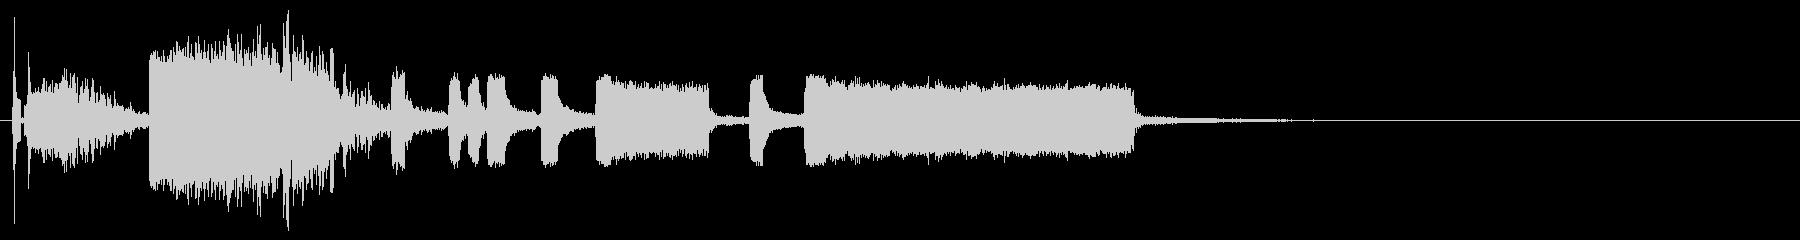 四次元ポケット、道具を出すファンファーレの未再生の波形